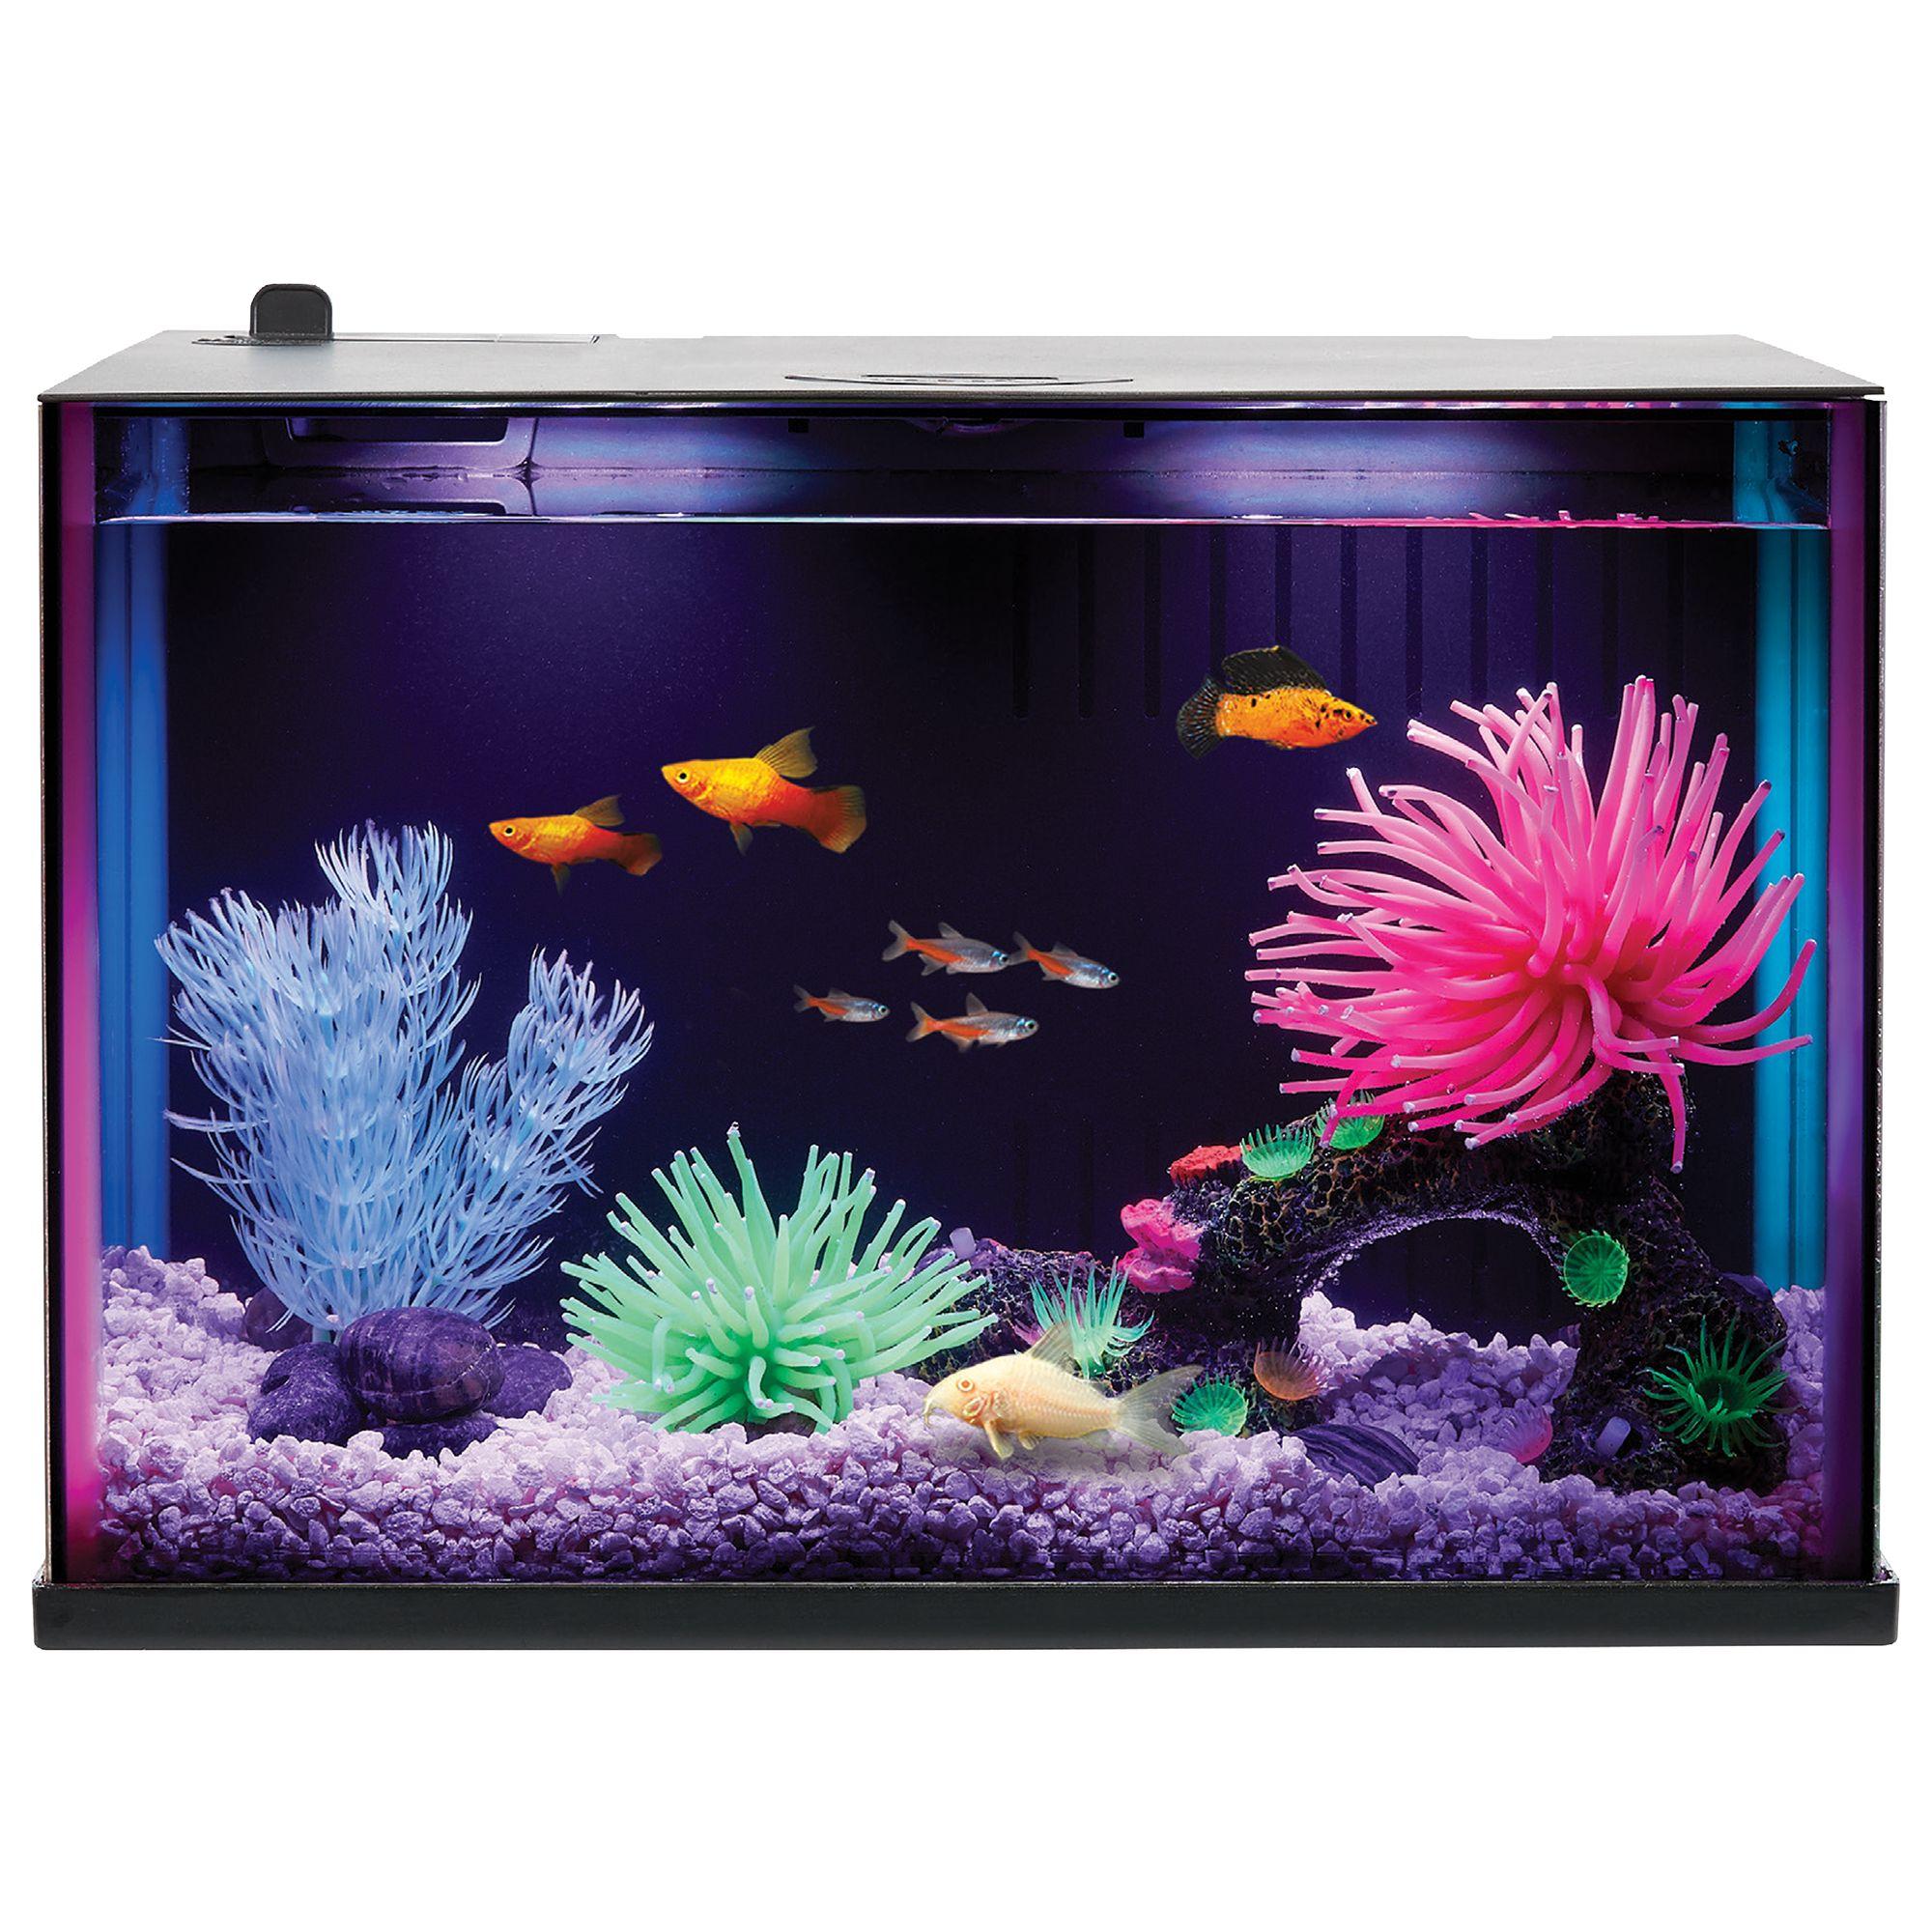 Top Fin® Dazzle Aquarium Starter Kit - 3 Gallon, 7 Color Changing LEDs